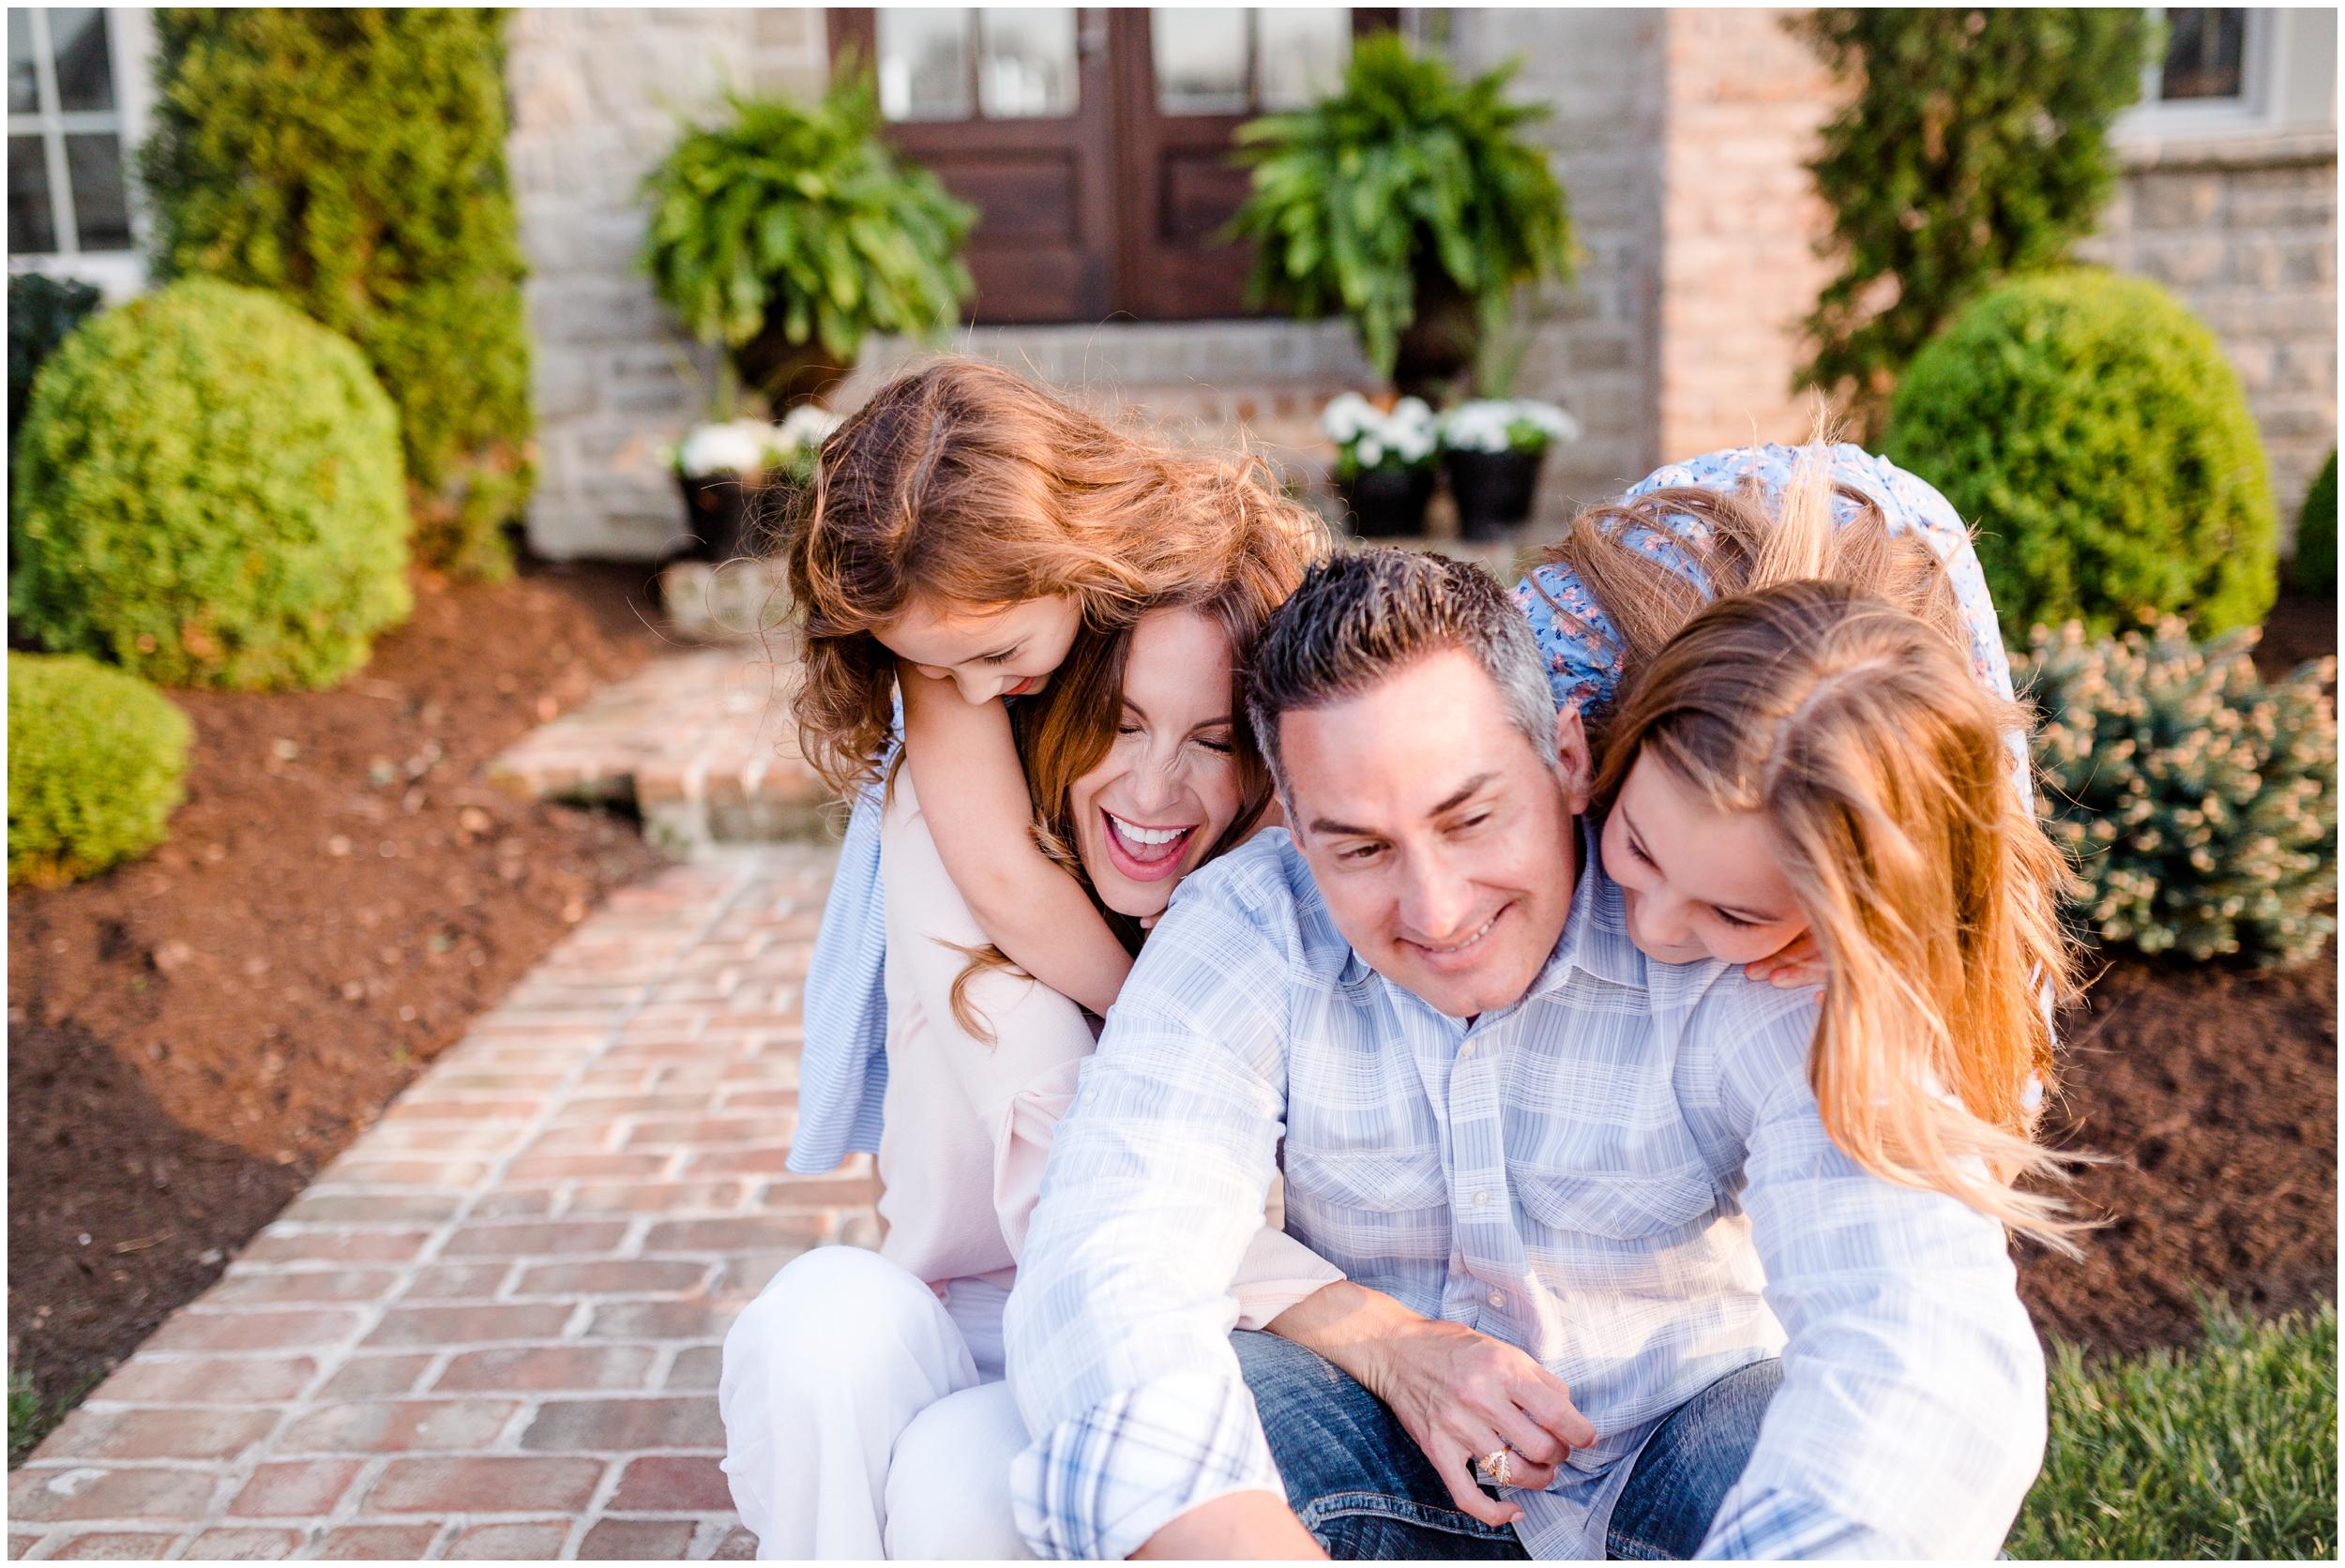 lexington-ky-family-lifestyle-photography-Priscilla-Baierlein-Photography_0271.jpg